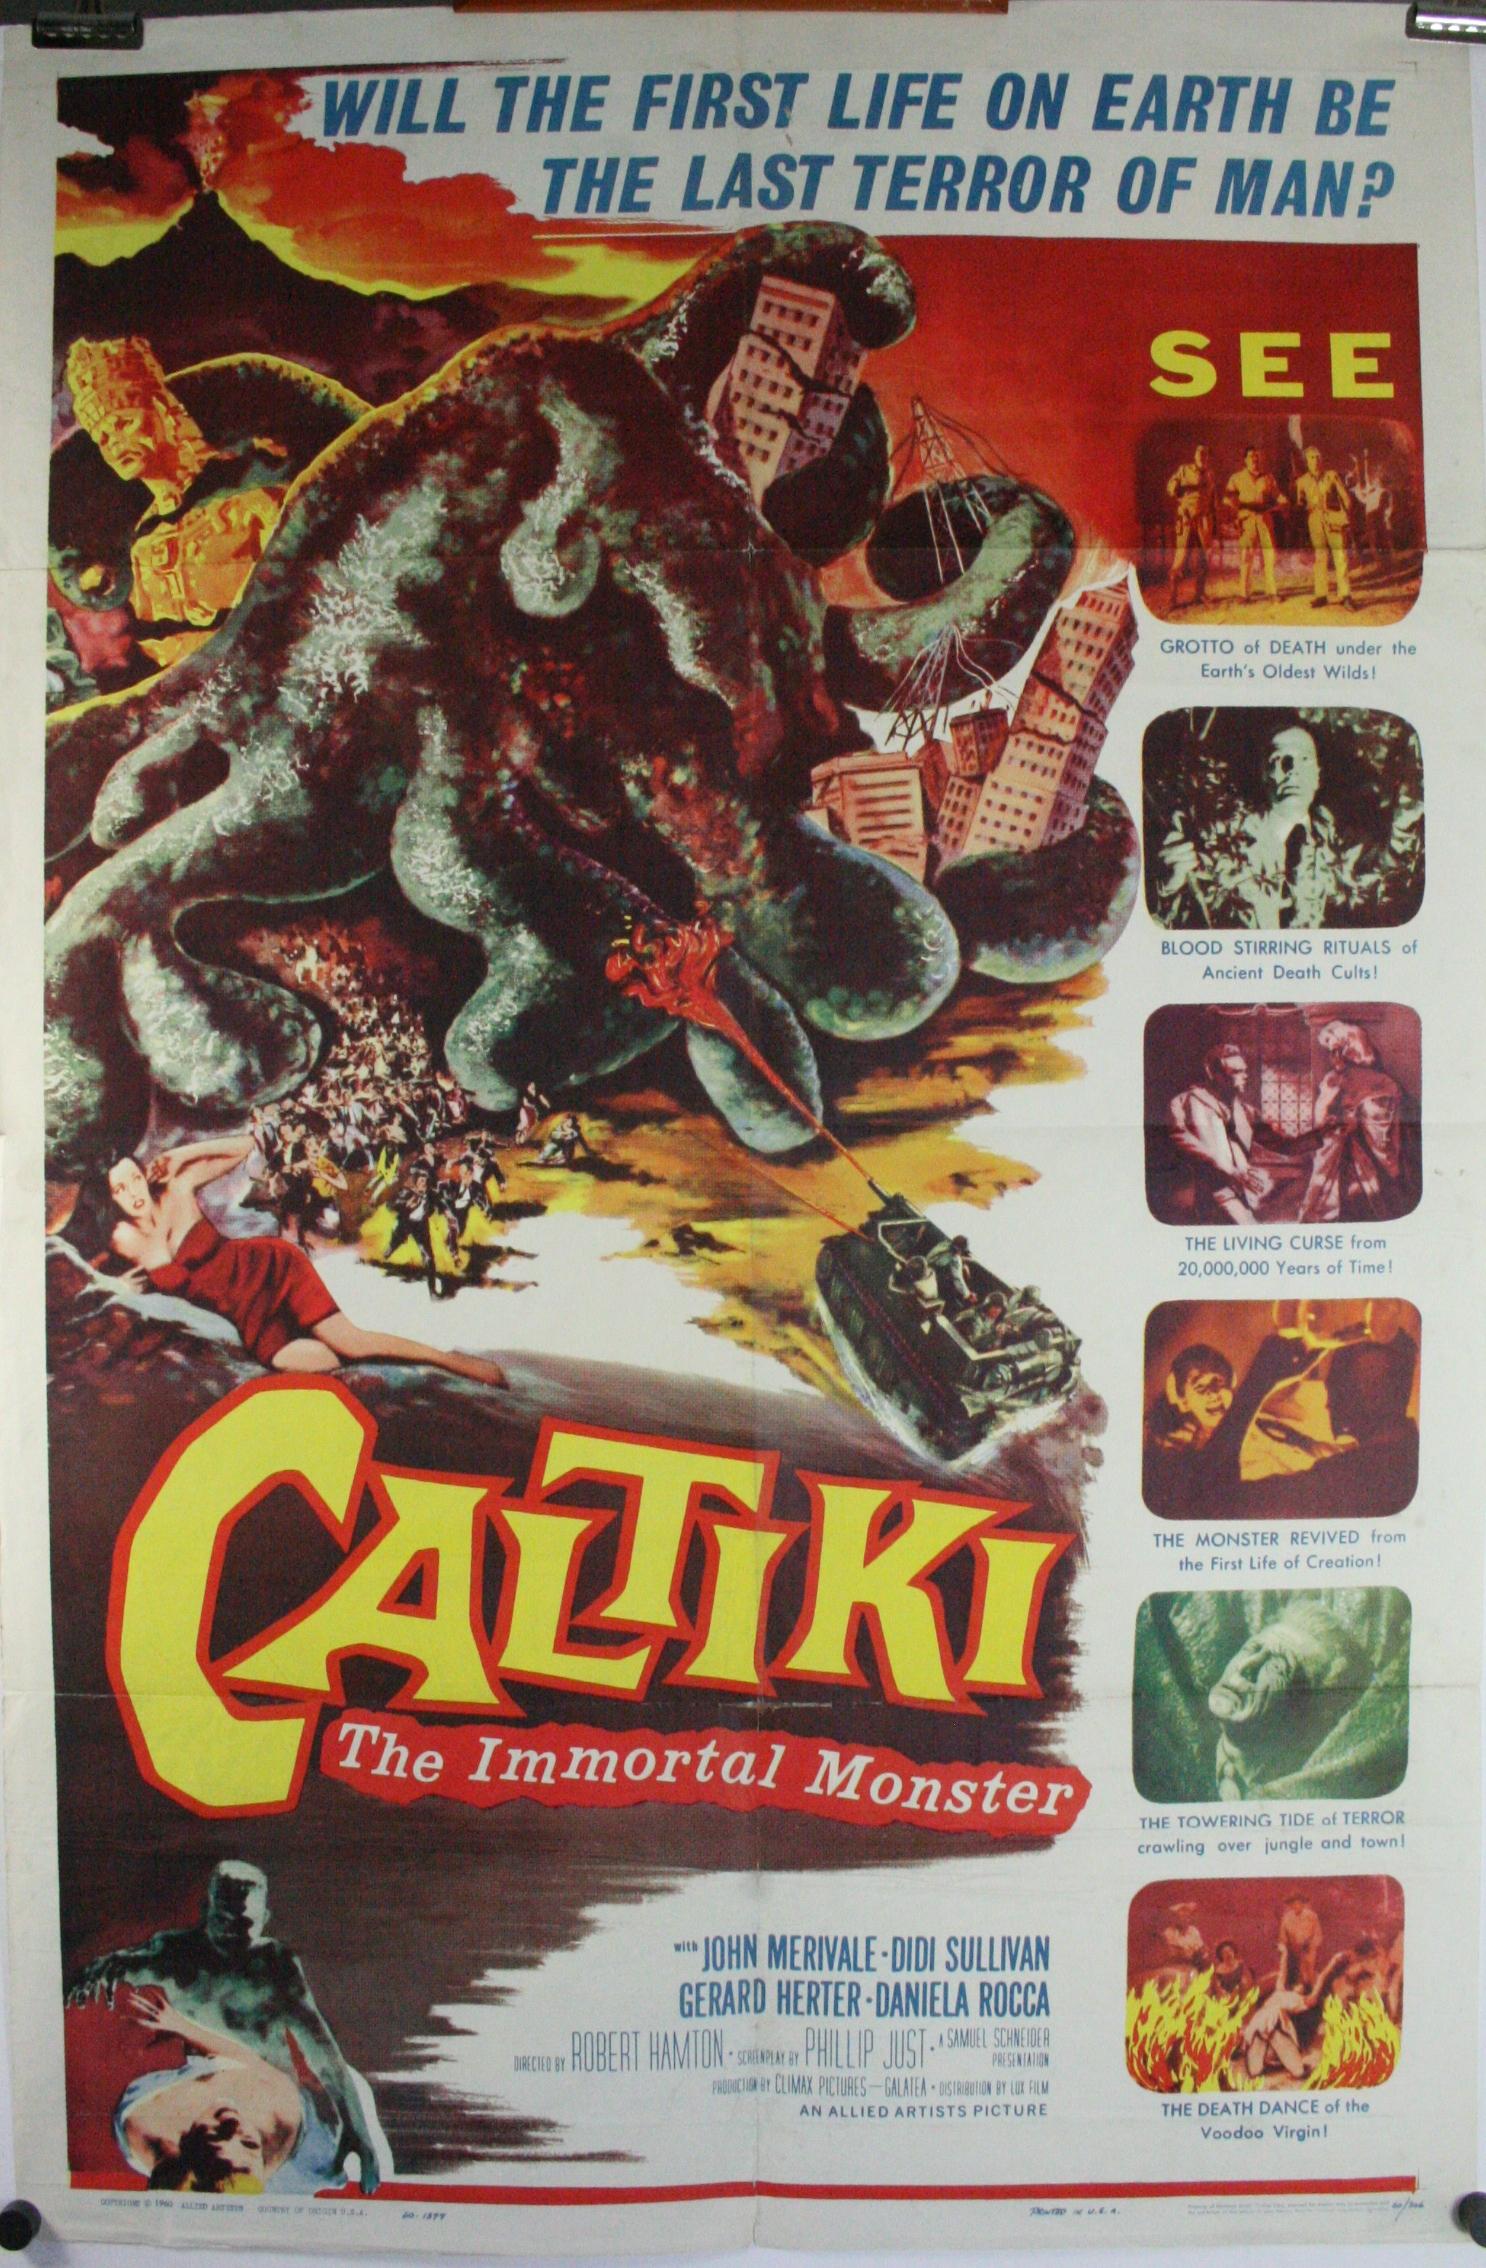 Caltiki the immortal monster-2219